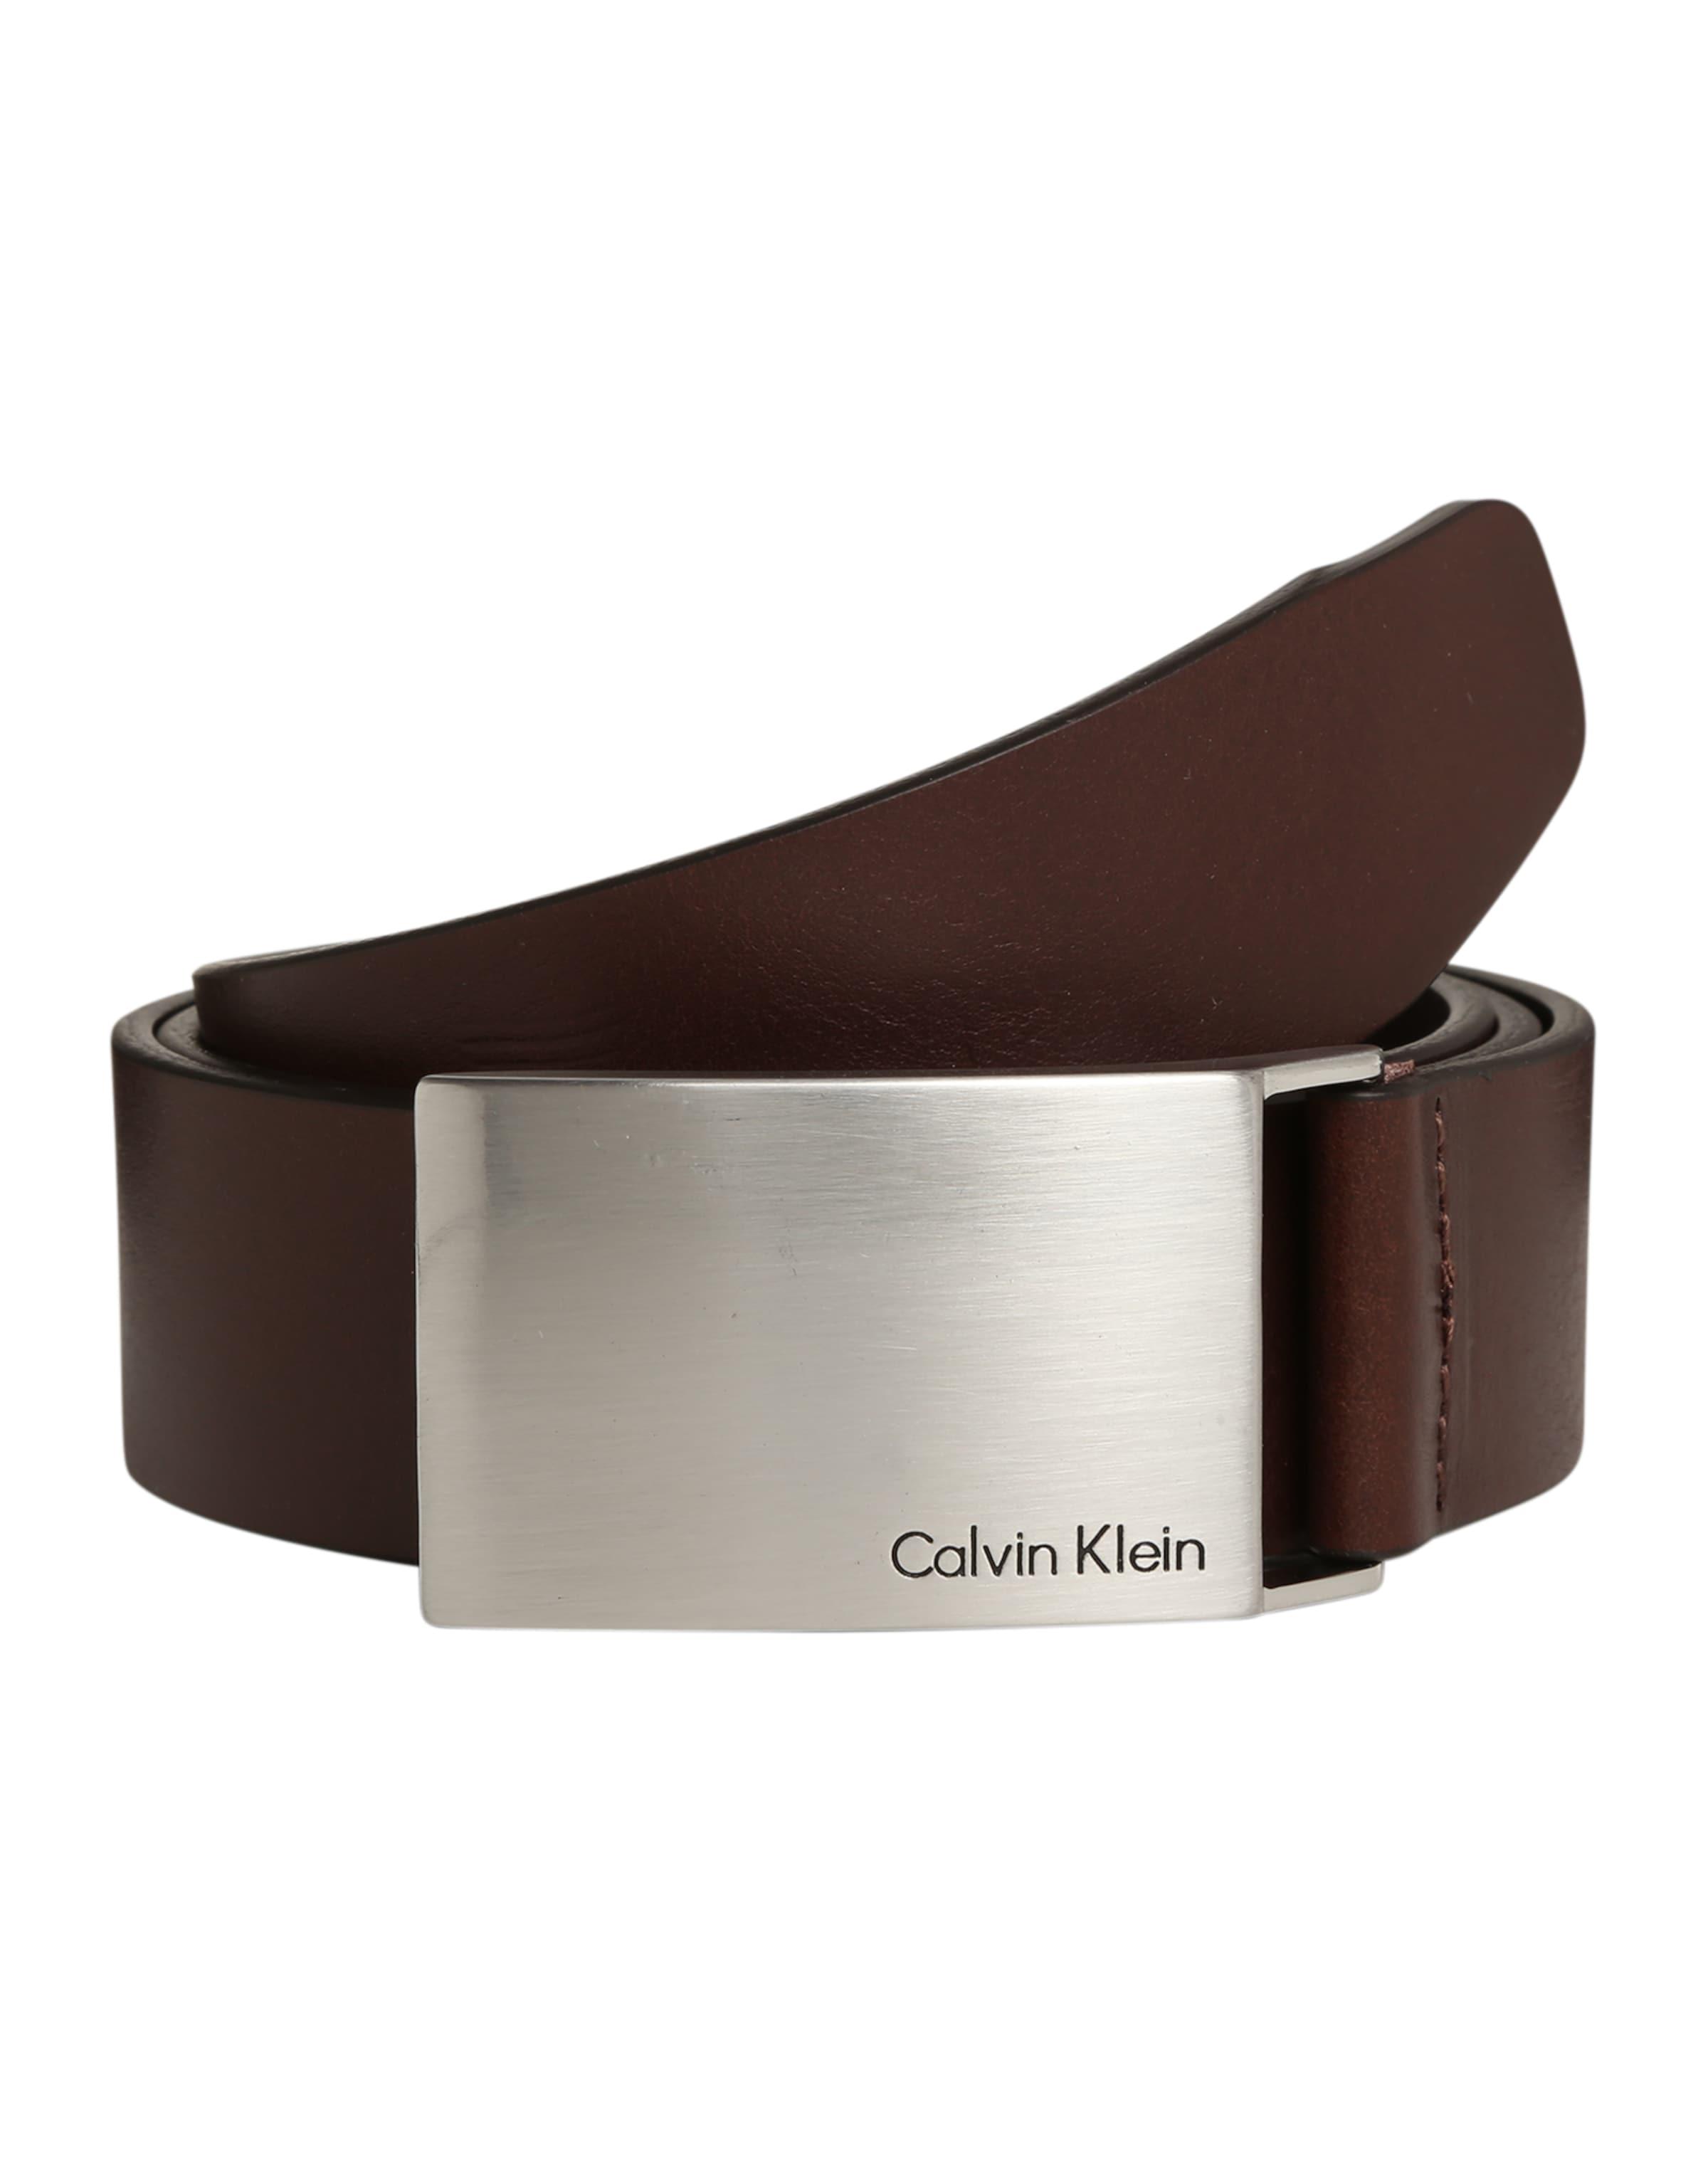 Spielraum Neue Ankunft Calvin Klein Ledergürtel 'Mino' Reduzierter Preis t0nx9W